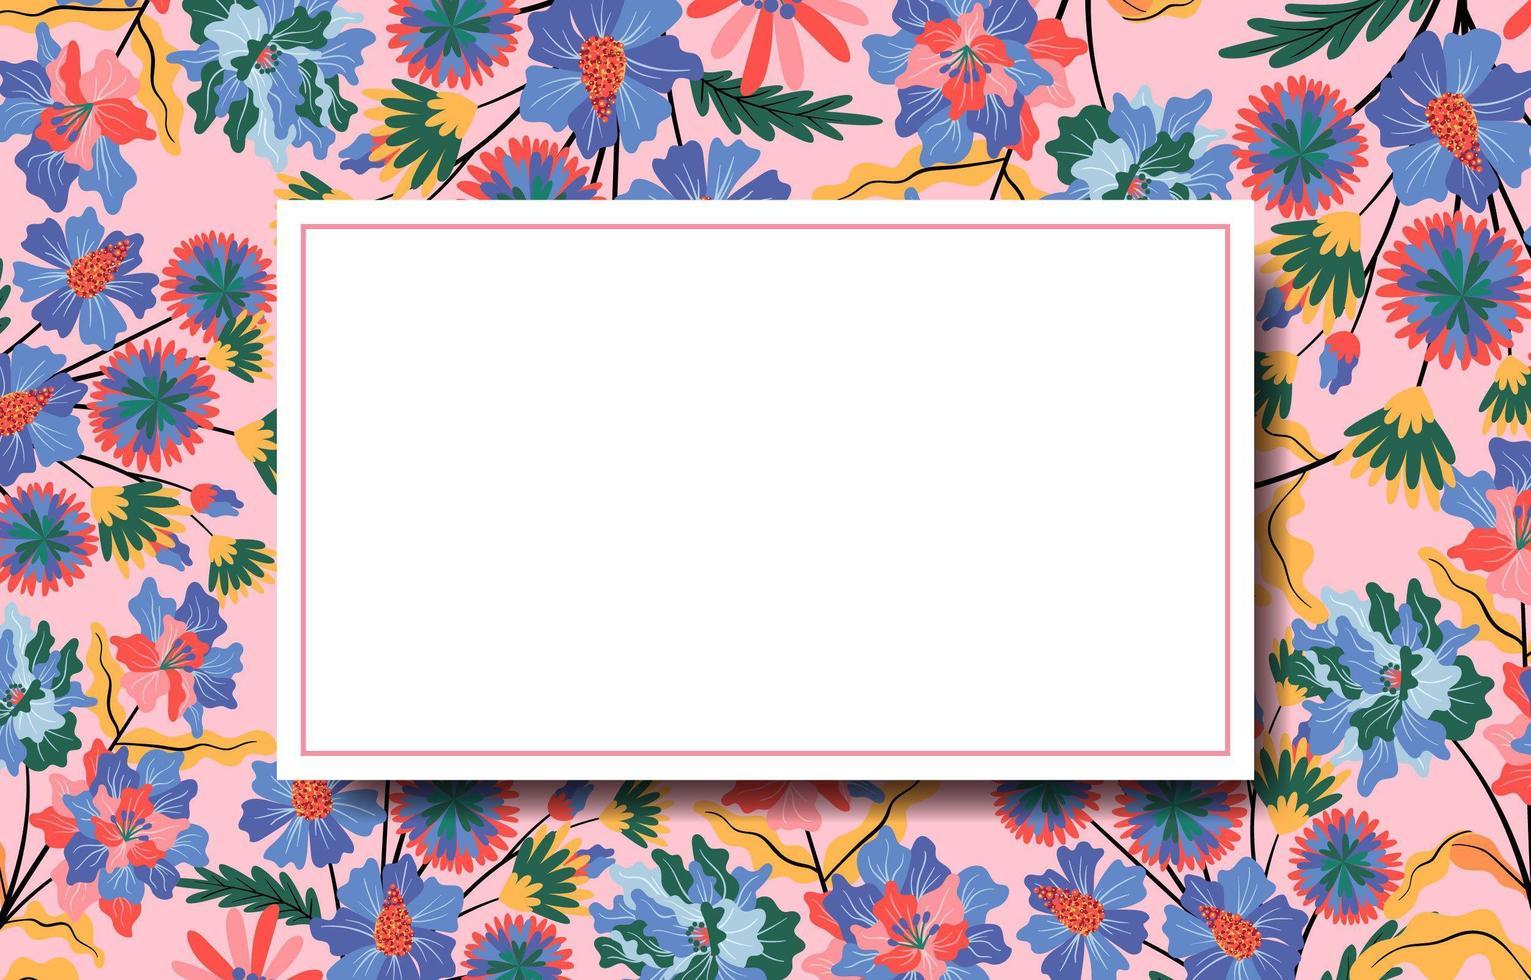 fundo florido natural com moldura branca no meio vetor